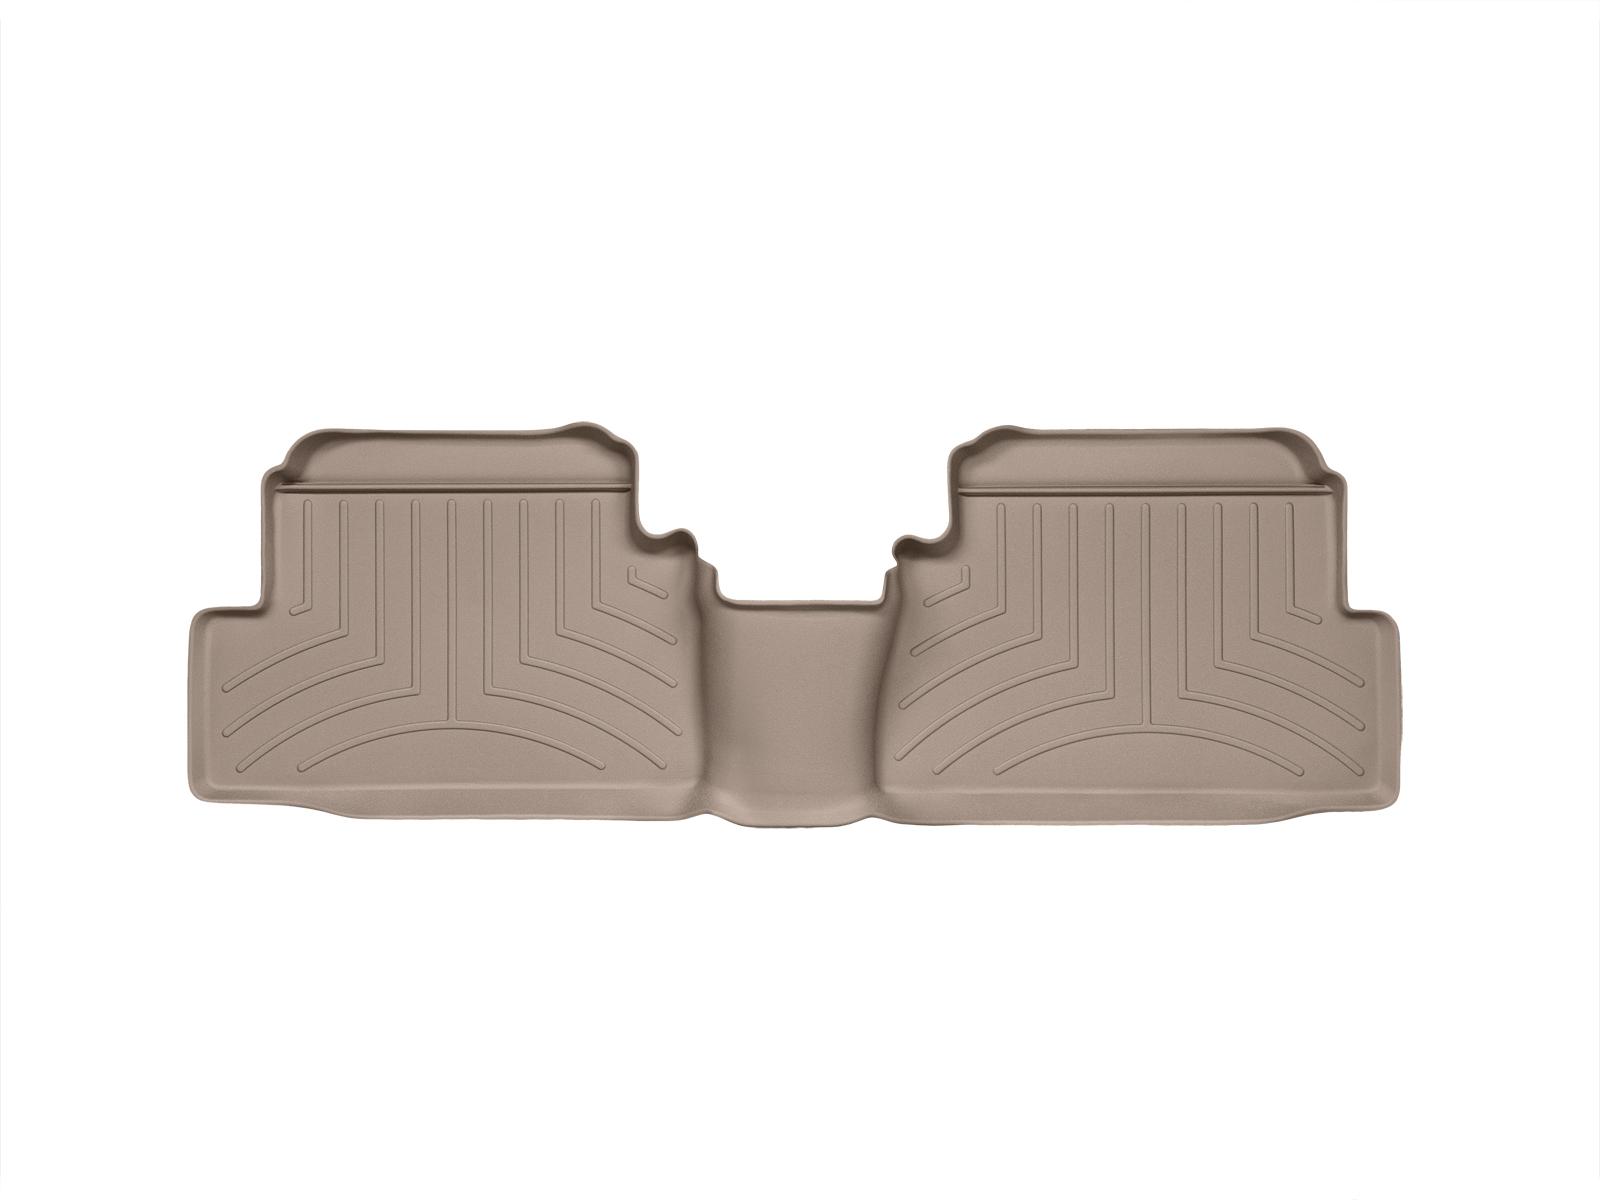 Tappeti gomma su misura bordo alto Ford C-Max 10>17 Marrone A849*